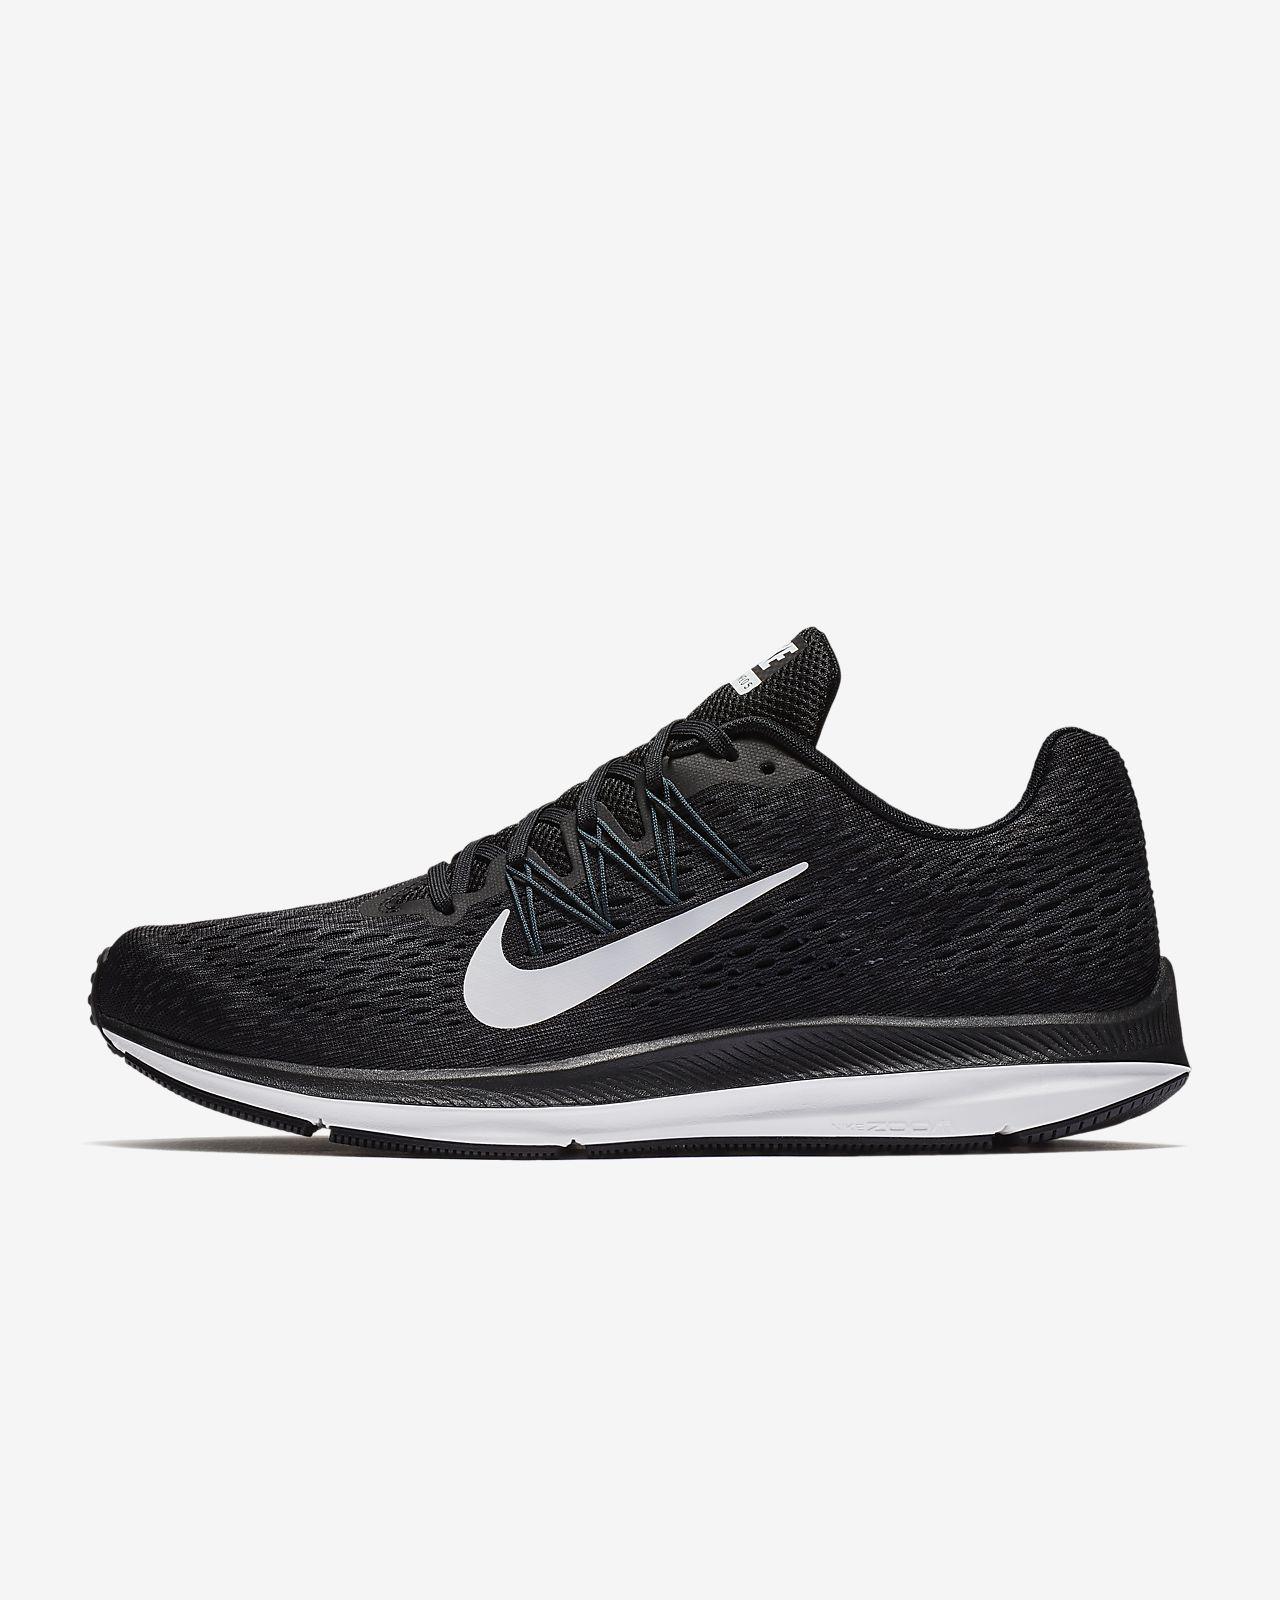 Nike Shoe Slip On Running Men